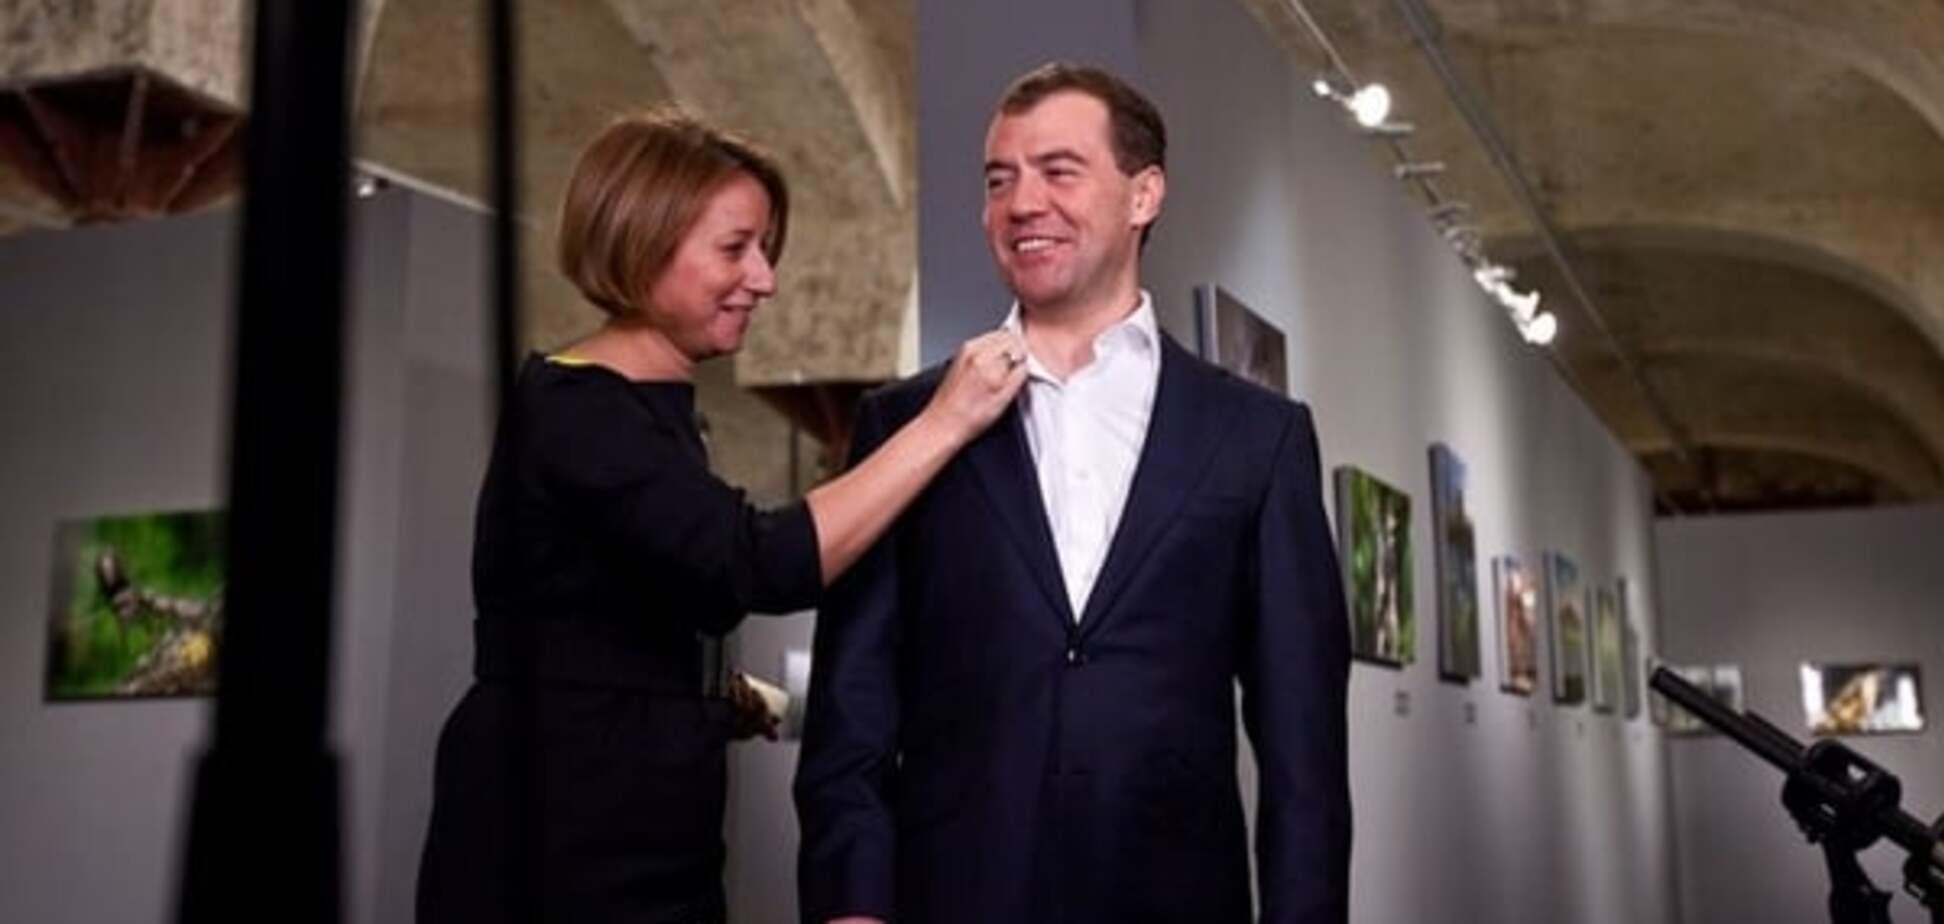 Наговорила: пресс-секретарь Медведева купила дом в Юрмале за €1,3 млн